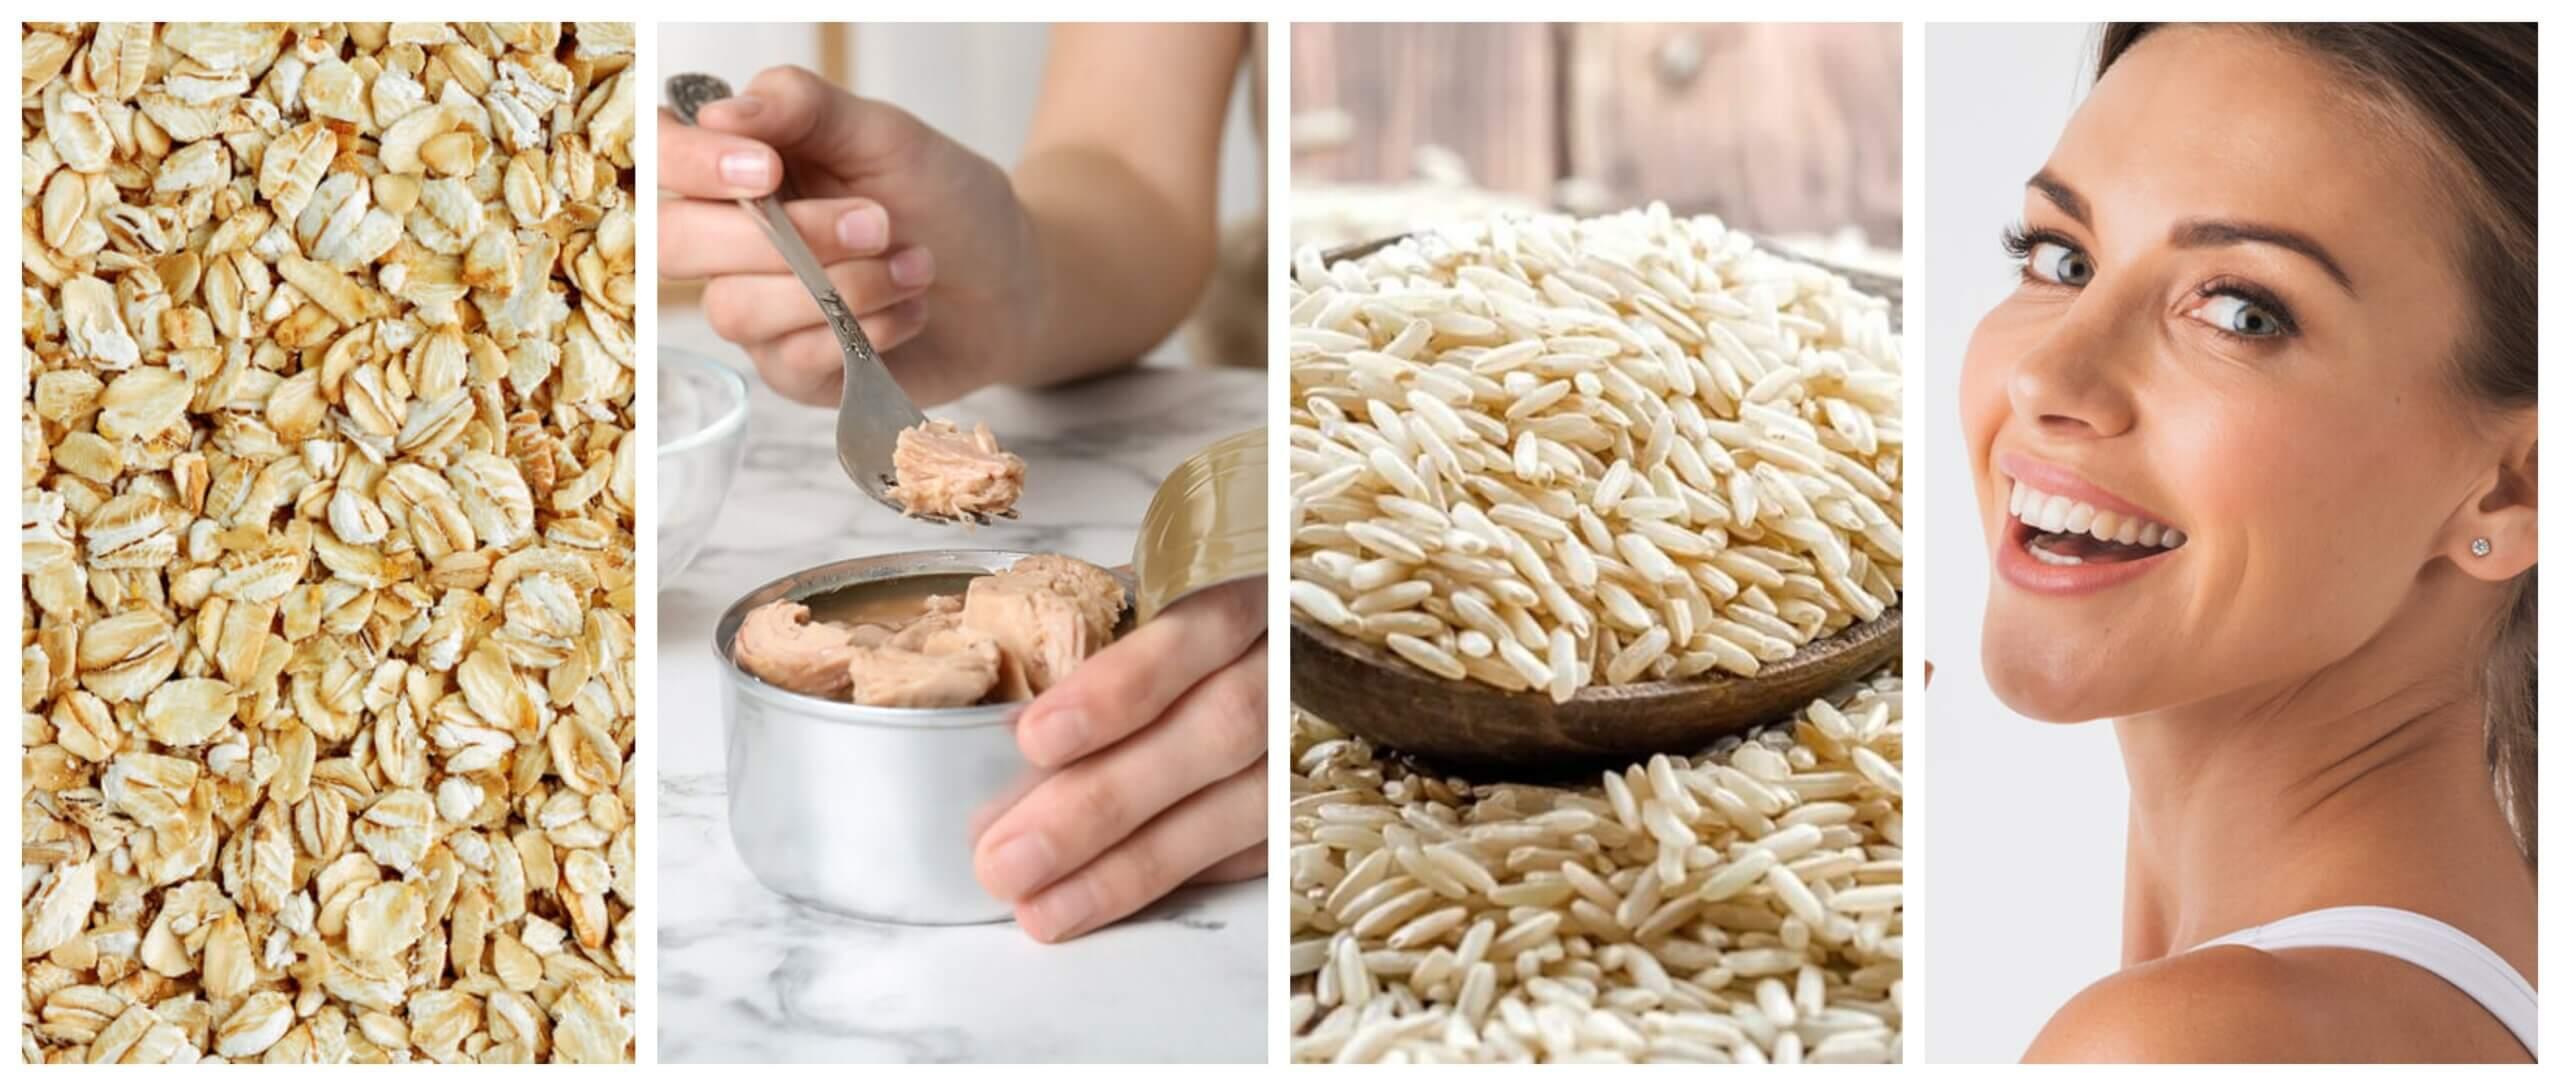 Dietas saludables y económicas: alimentos recomendados